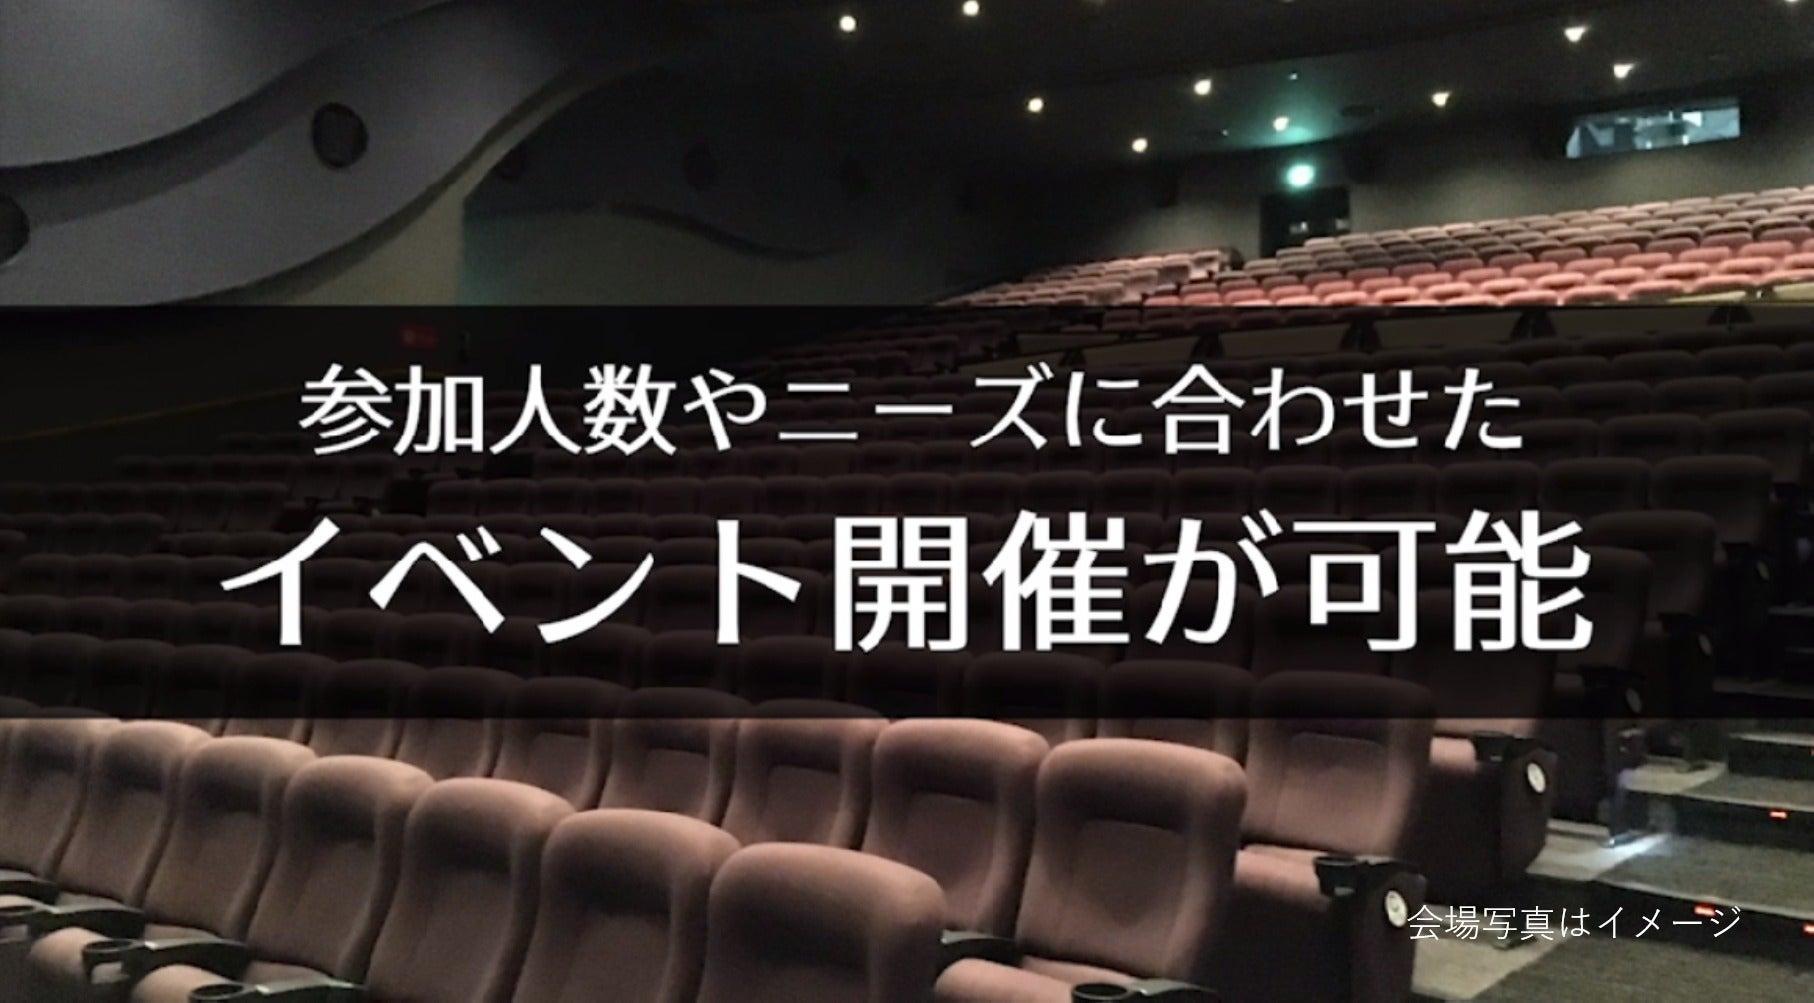 【つくば 365席】映画館で、会社説明会、株主総会、講演会の企画はいかがですか?(シネプレックスつくば) の写真0